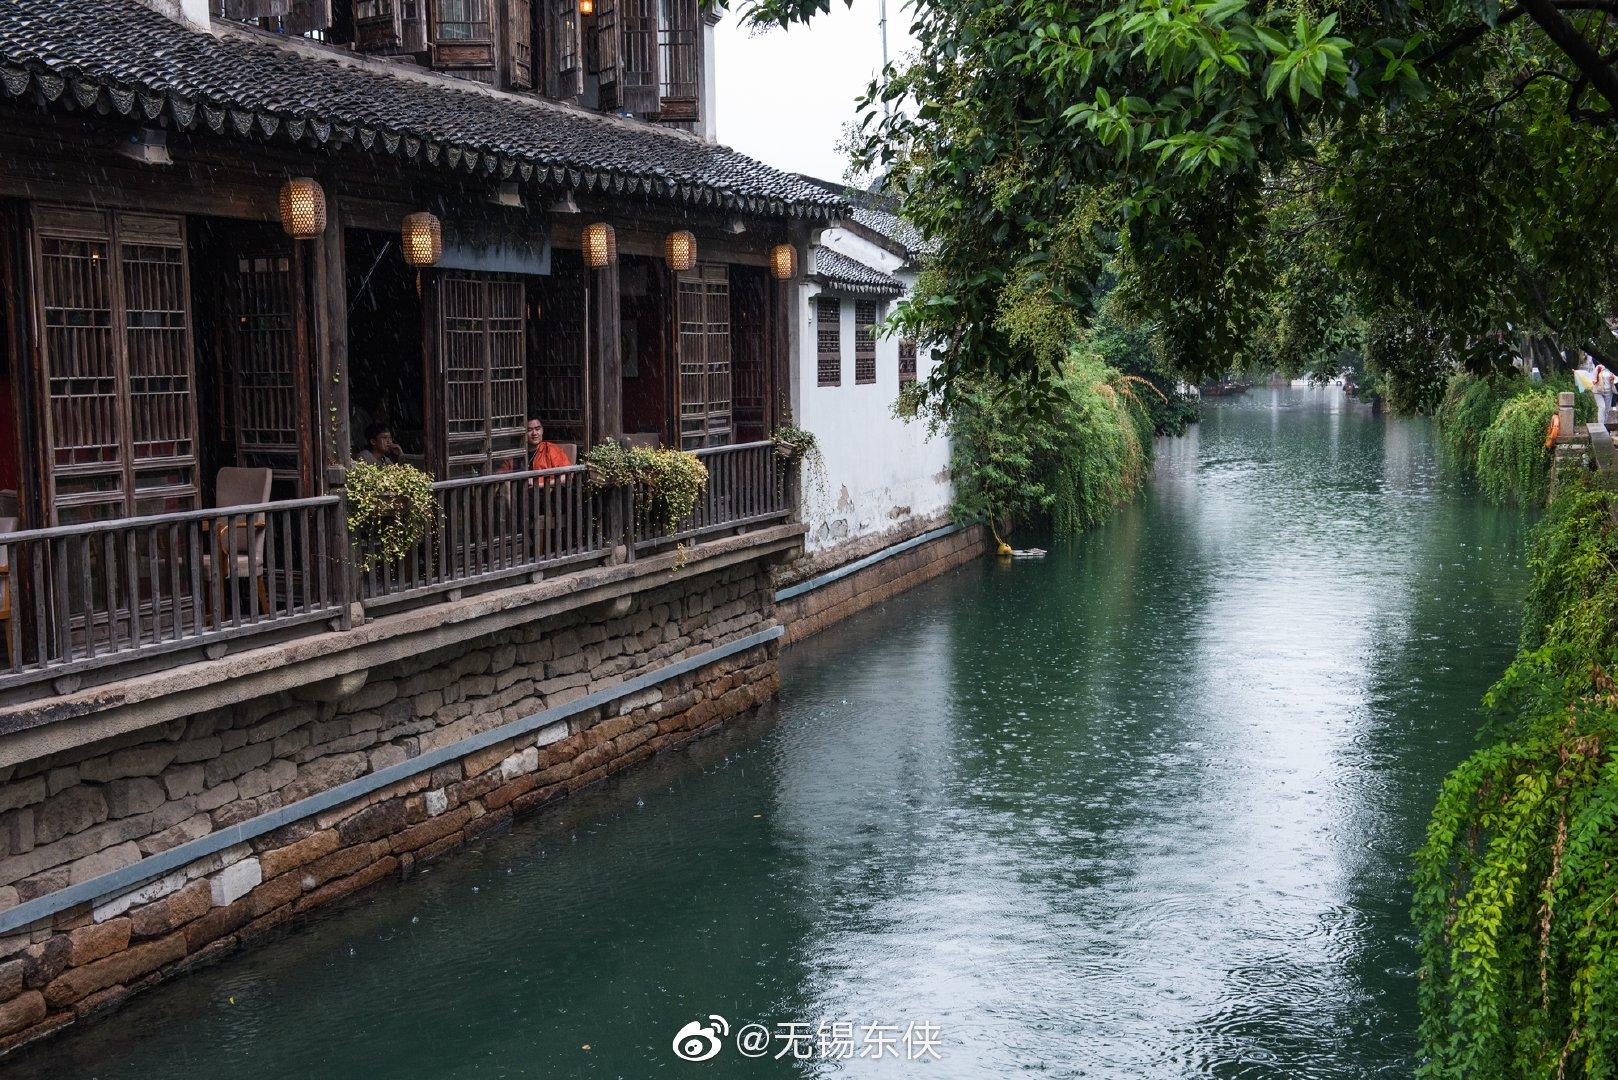 遇见平江路,在秋风秋雨中。脚下的青石板,身边的白墙黛瓦